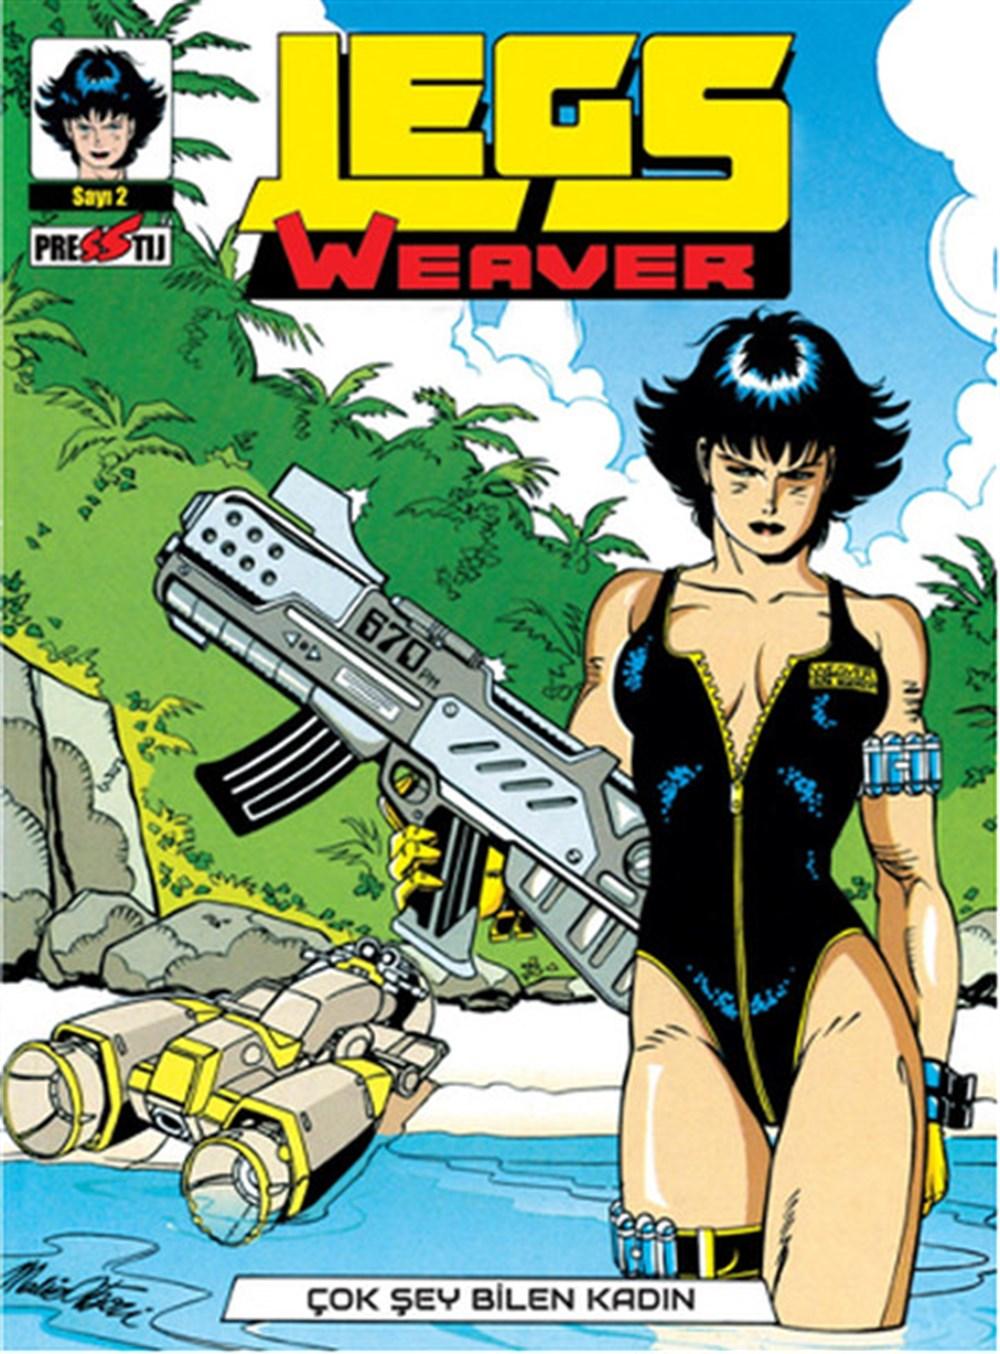 Legs Weaver Cilt 2 - Çok Şey Bilen Kadın